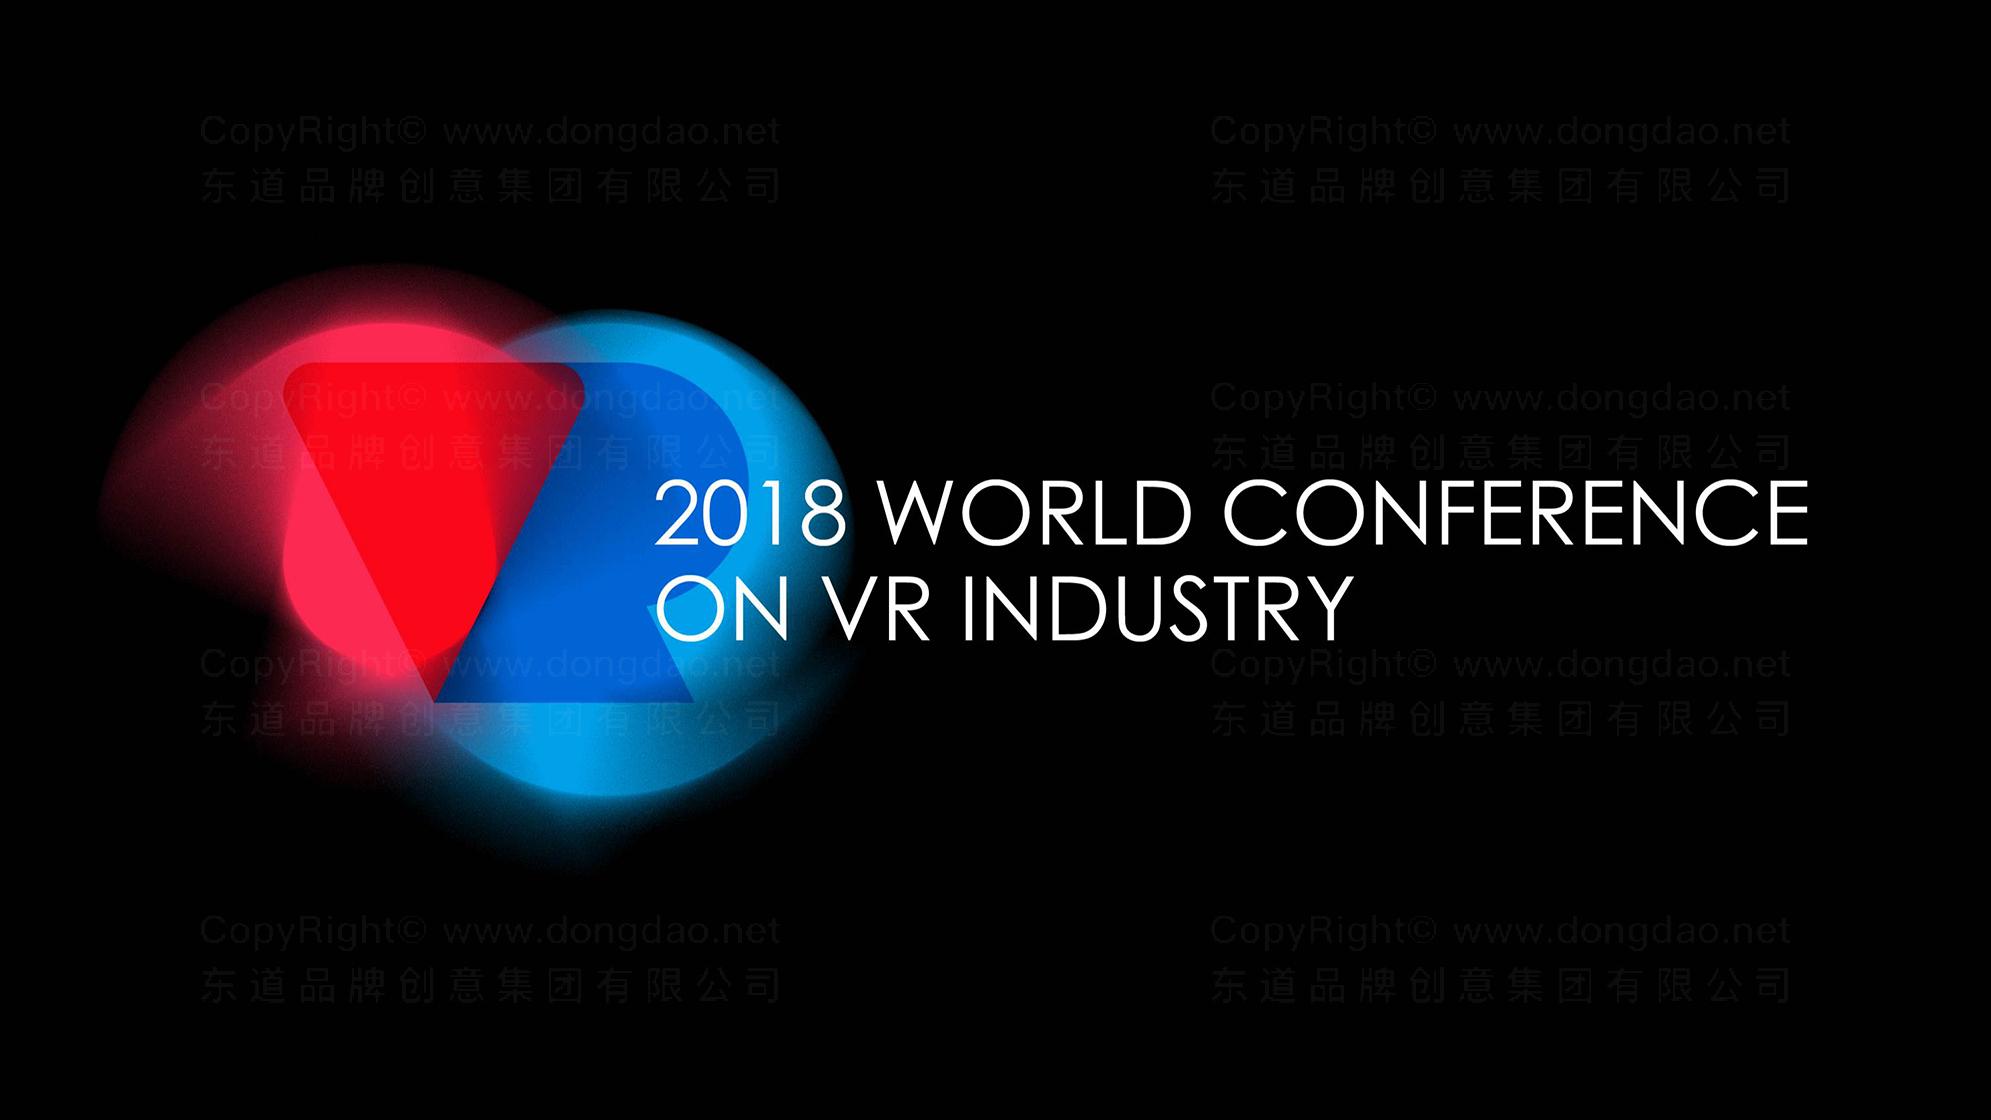 品牌设计世界VR大会LOGO&VI设计应用场景_4